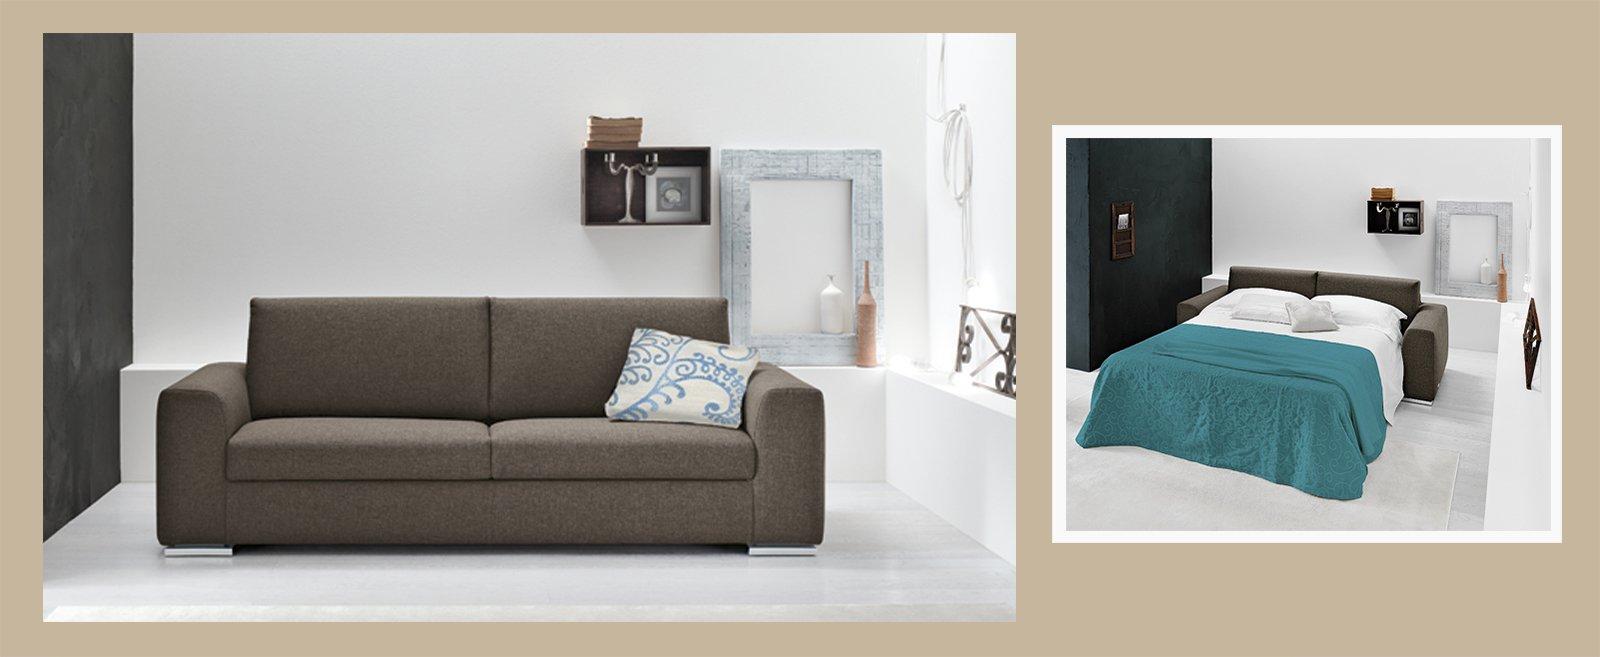 Divano o letto imbottiti trasformabili cose di casa - Cuscini schienale divano ...